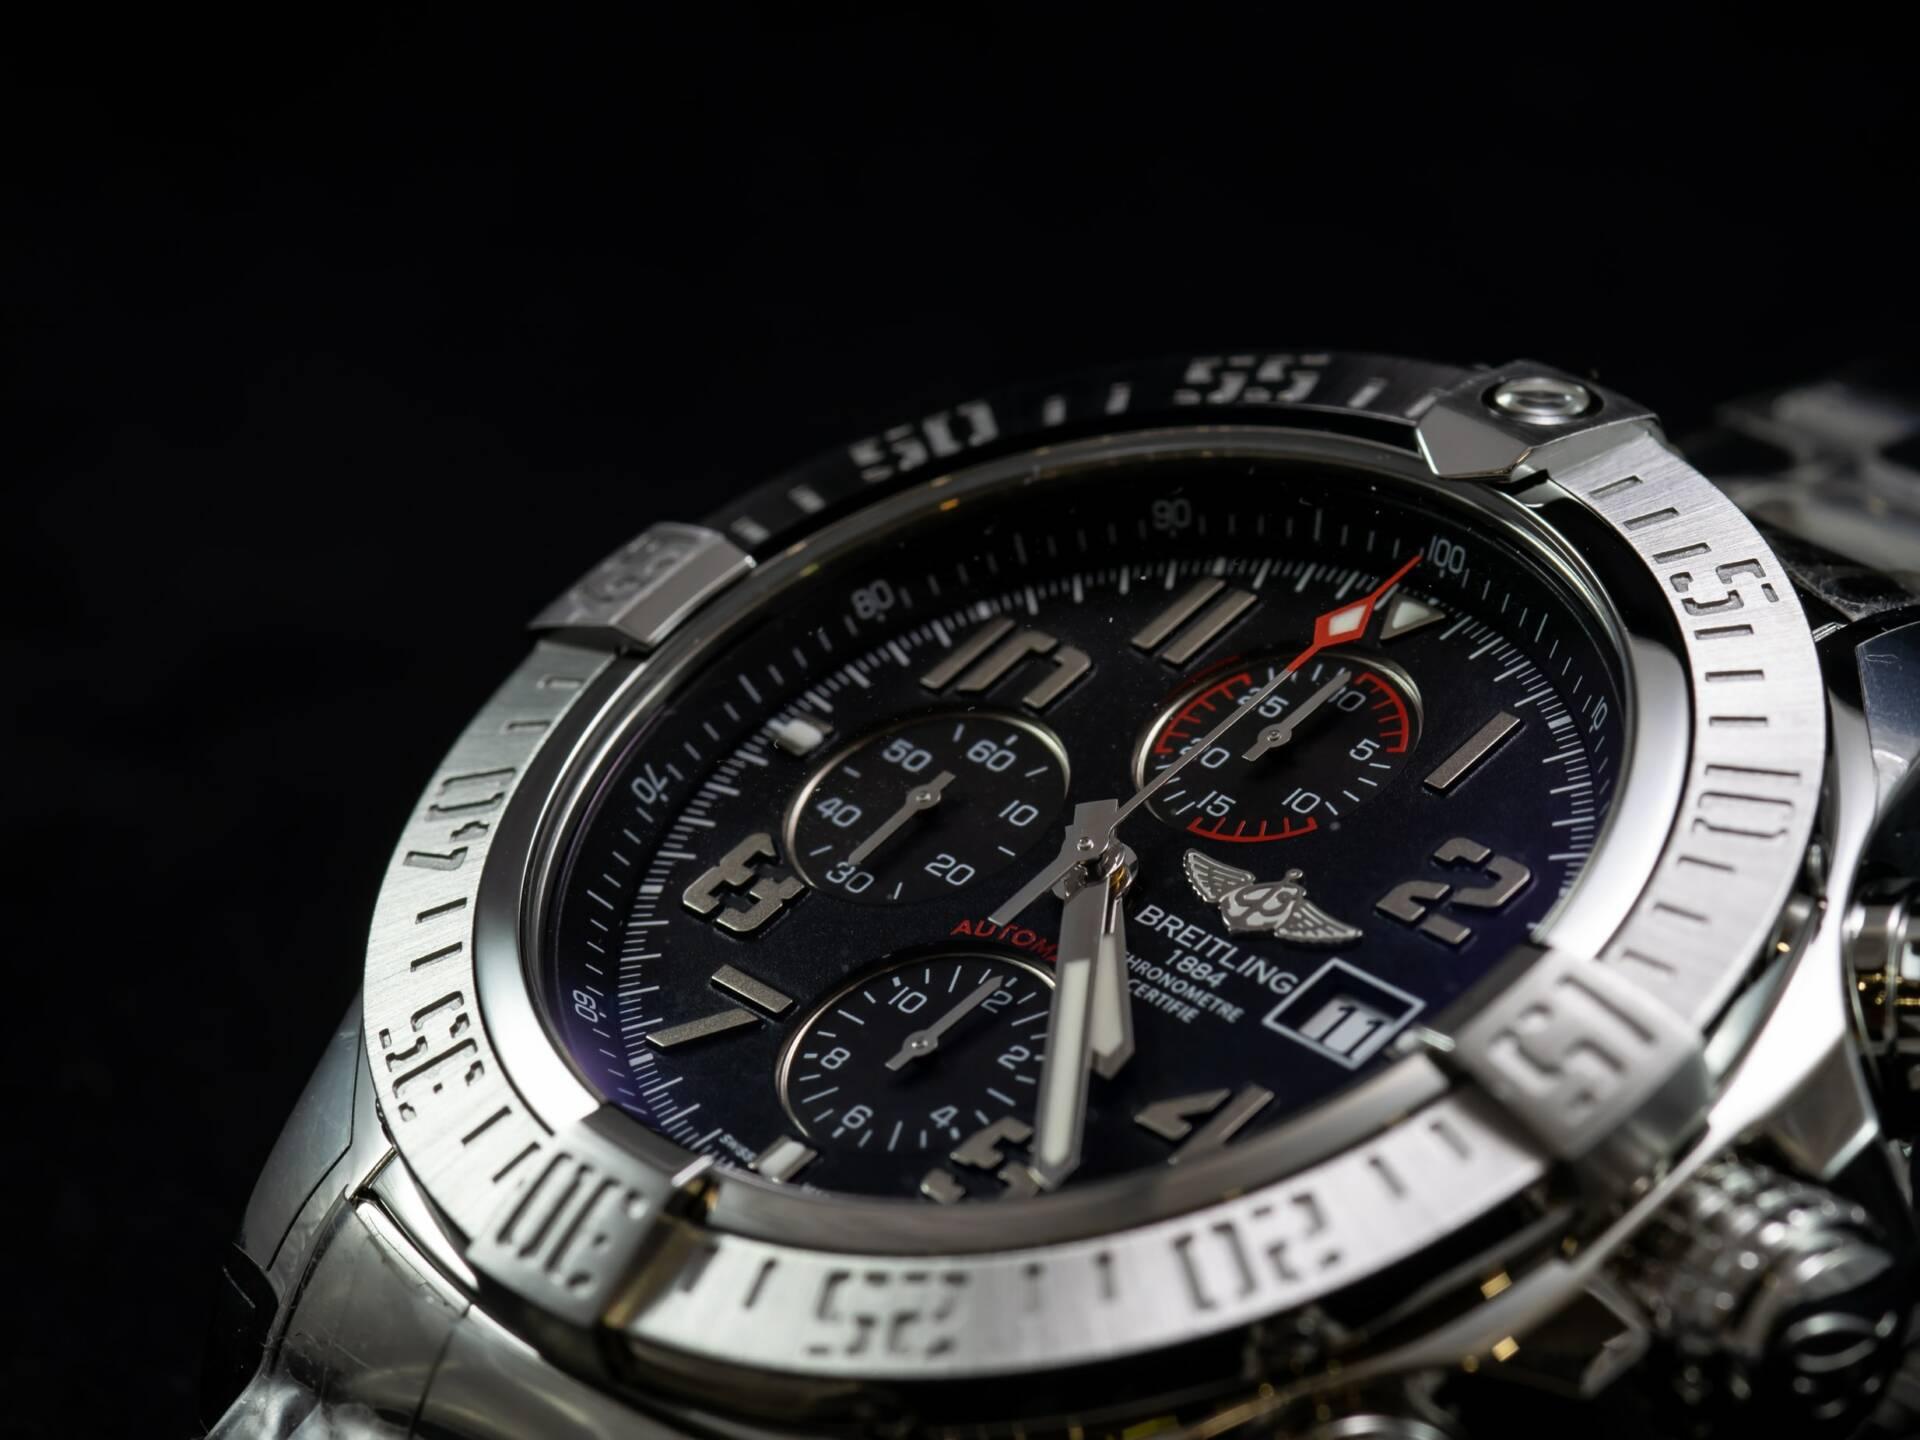 gli orologi di lusso breitling saranno certificati in blockchain 1920x1440 - Home Page